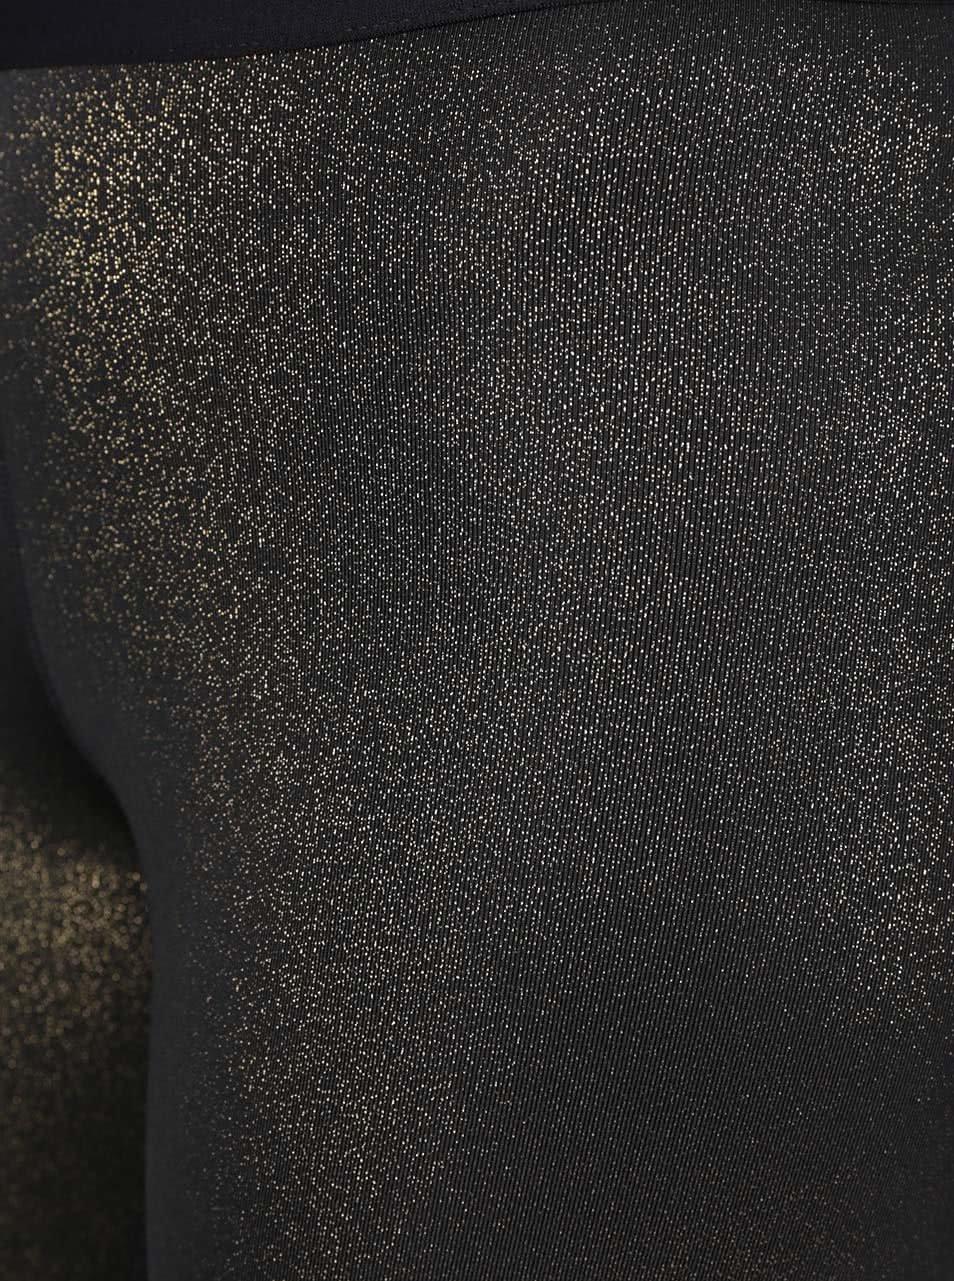 Dámské 3 4 legíny ve zlato-černé barvě Nike Pro Cool Capri ... 659bce64a2